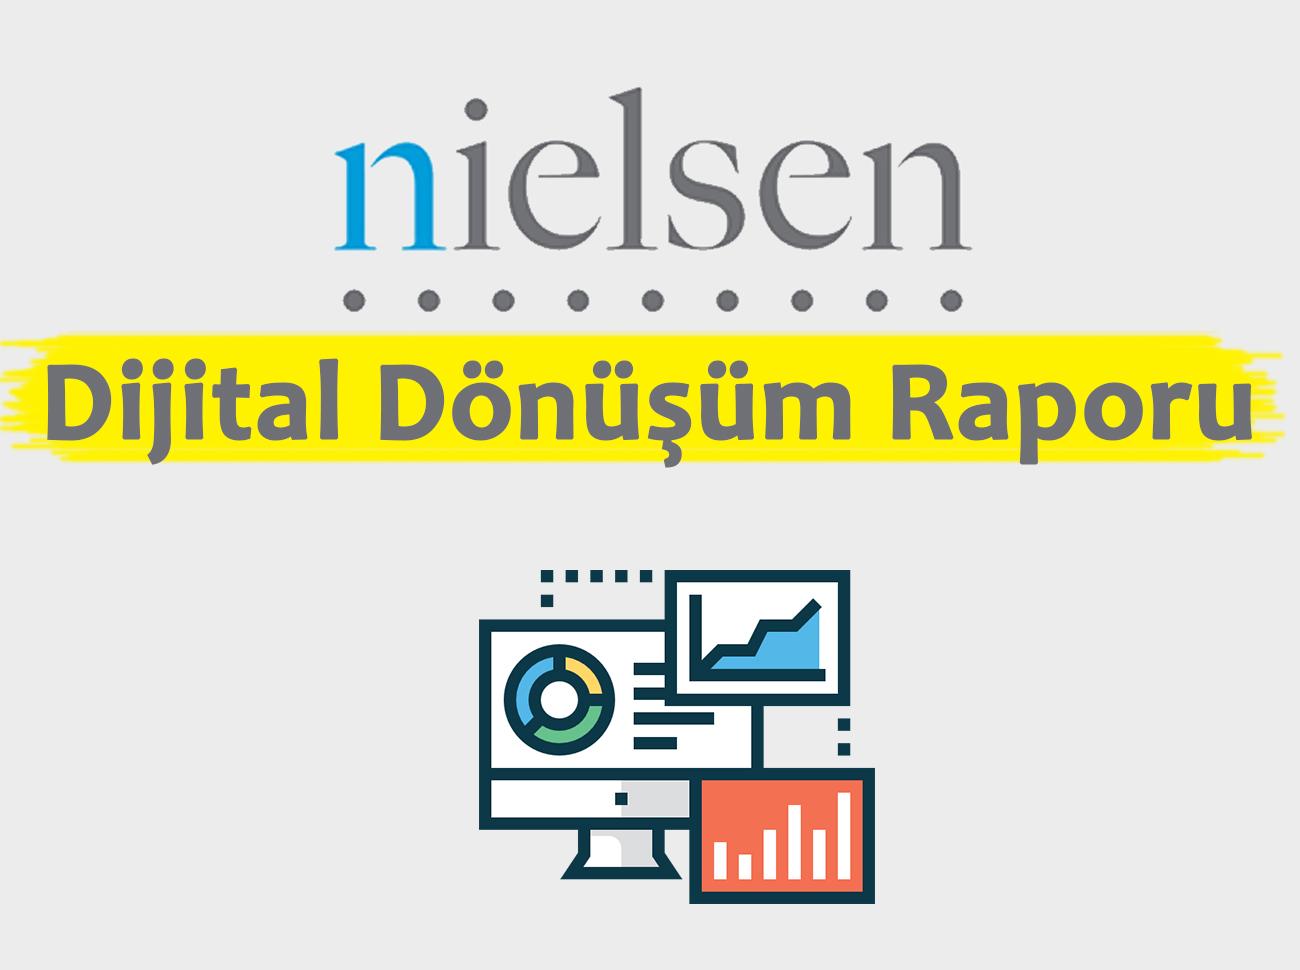 Nielsen'ın Dijital Dönüşüm Raporunda İlginç Detaylar